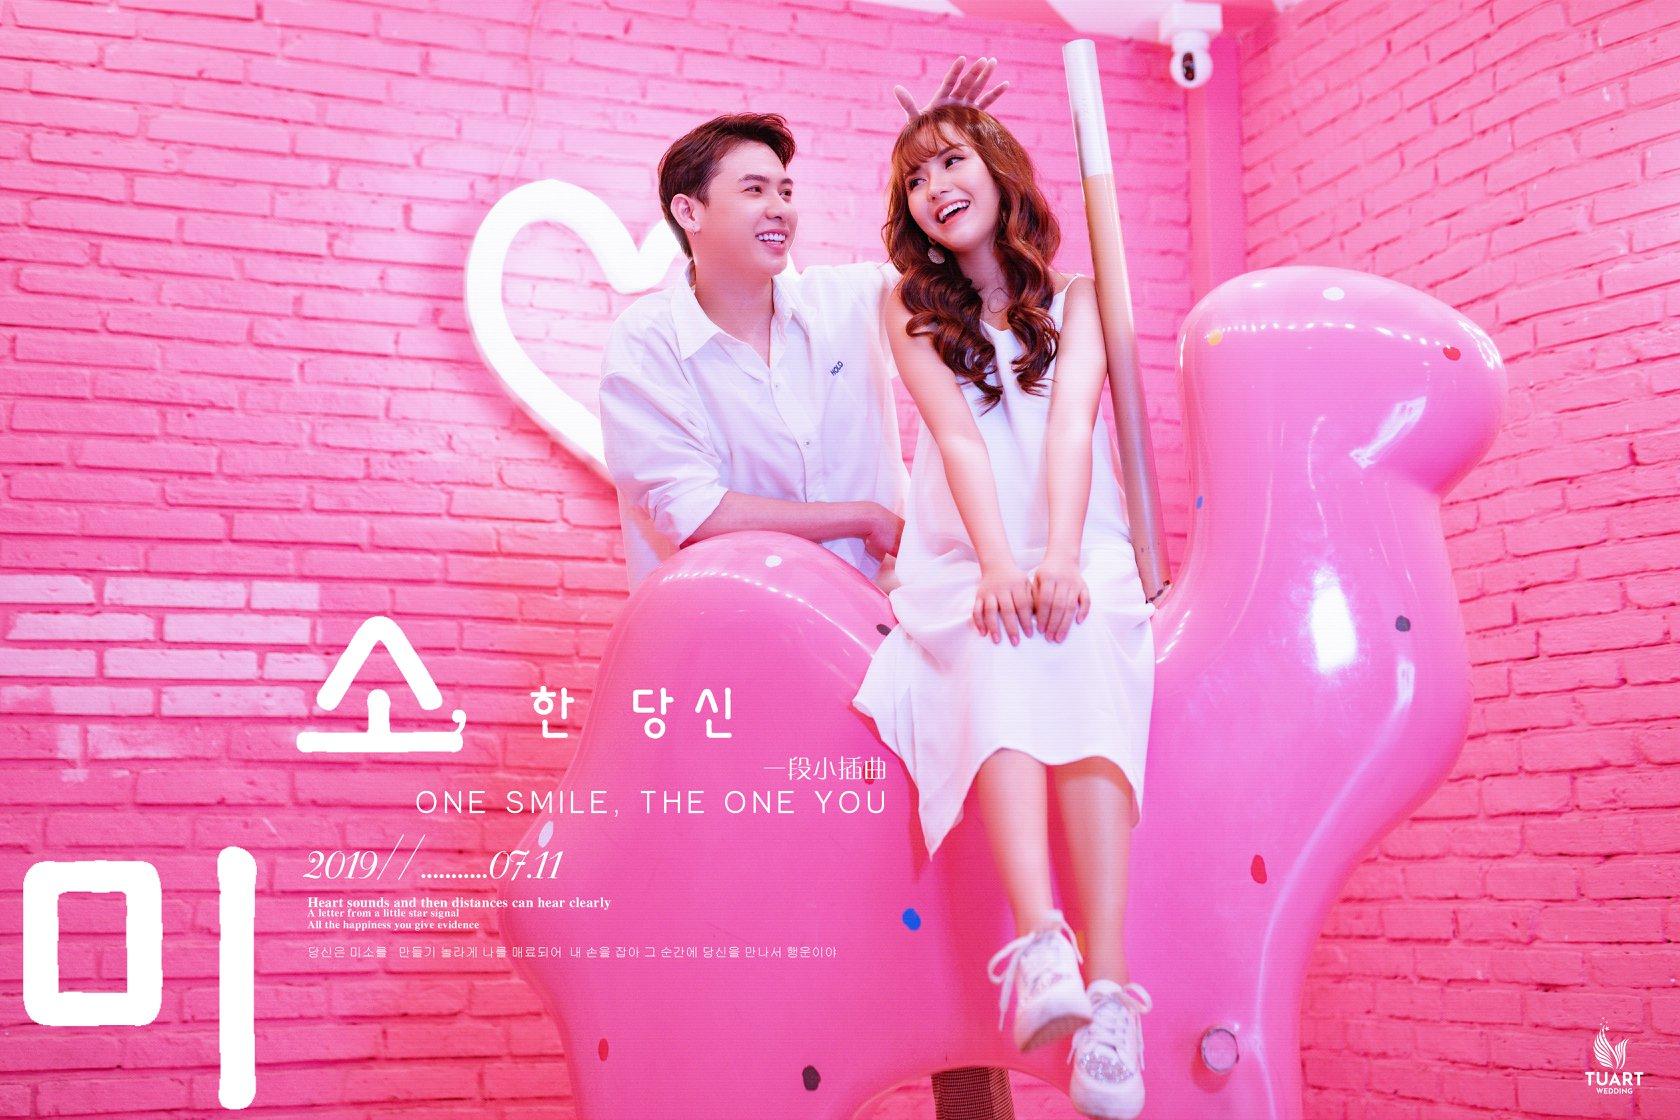 Album tại TuArt - Album chụp ảnh cưới đẹp phong cách Hàn Quốc 100